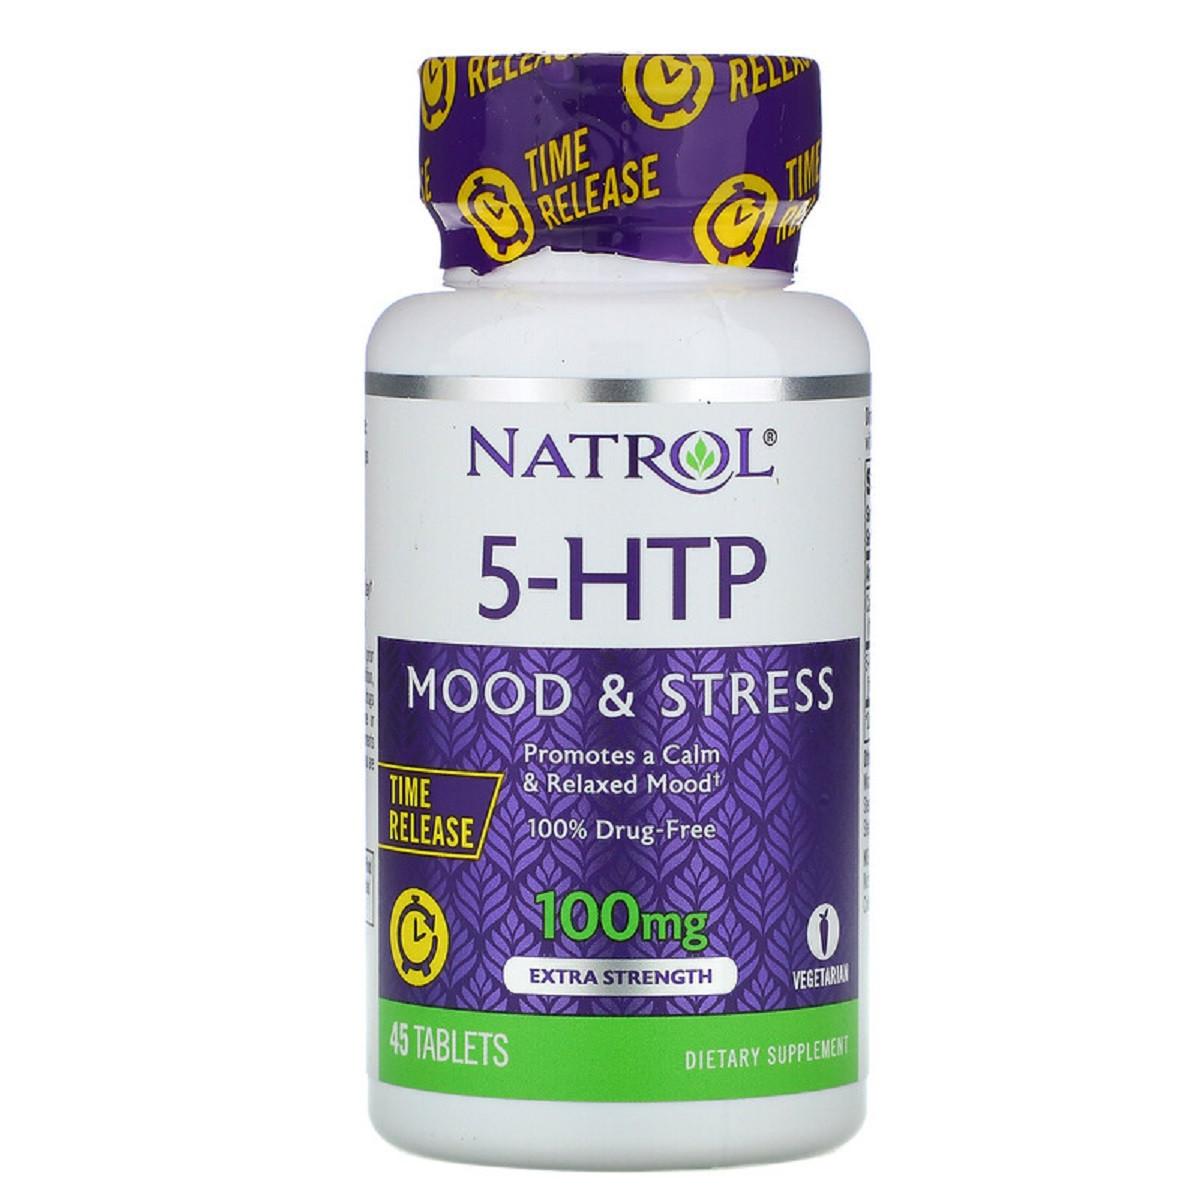 5-HTP (Гидрокситриптофан) 100мг, Медленное Высвобождение, С Повышенной Силой Действия, Natrol, 45 таблеток